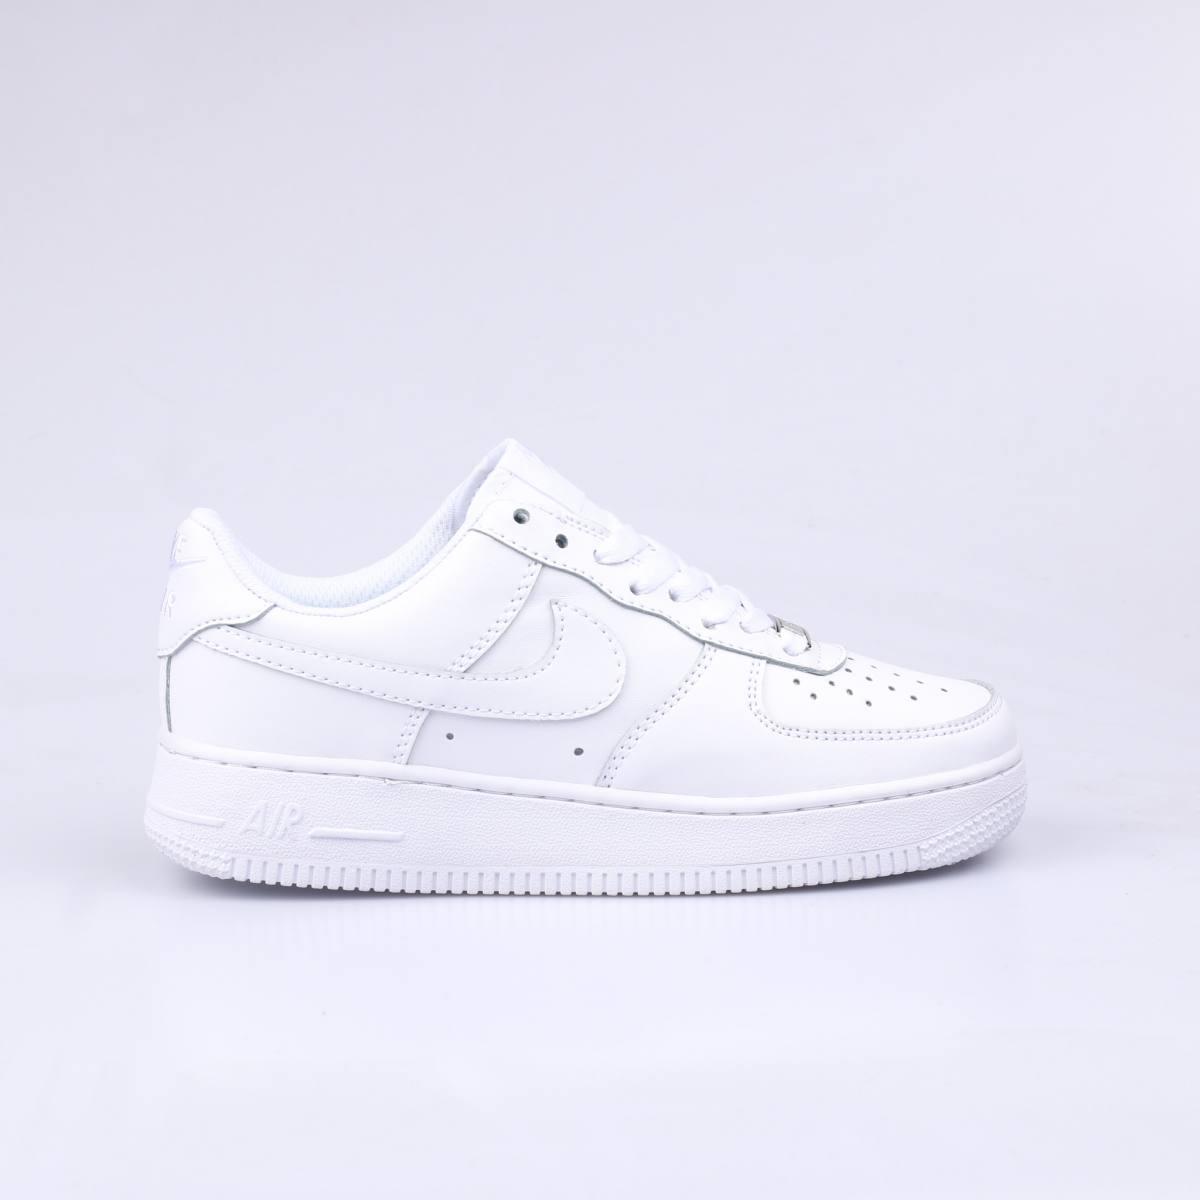 Kiểu giày Nike Air force one màu trắng thanh lịch